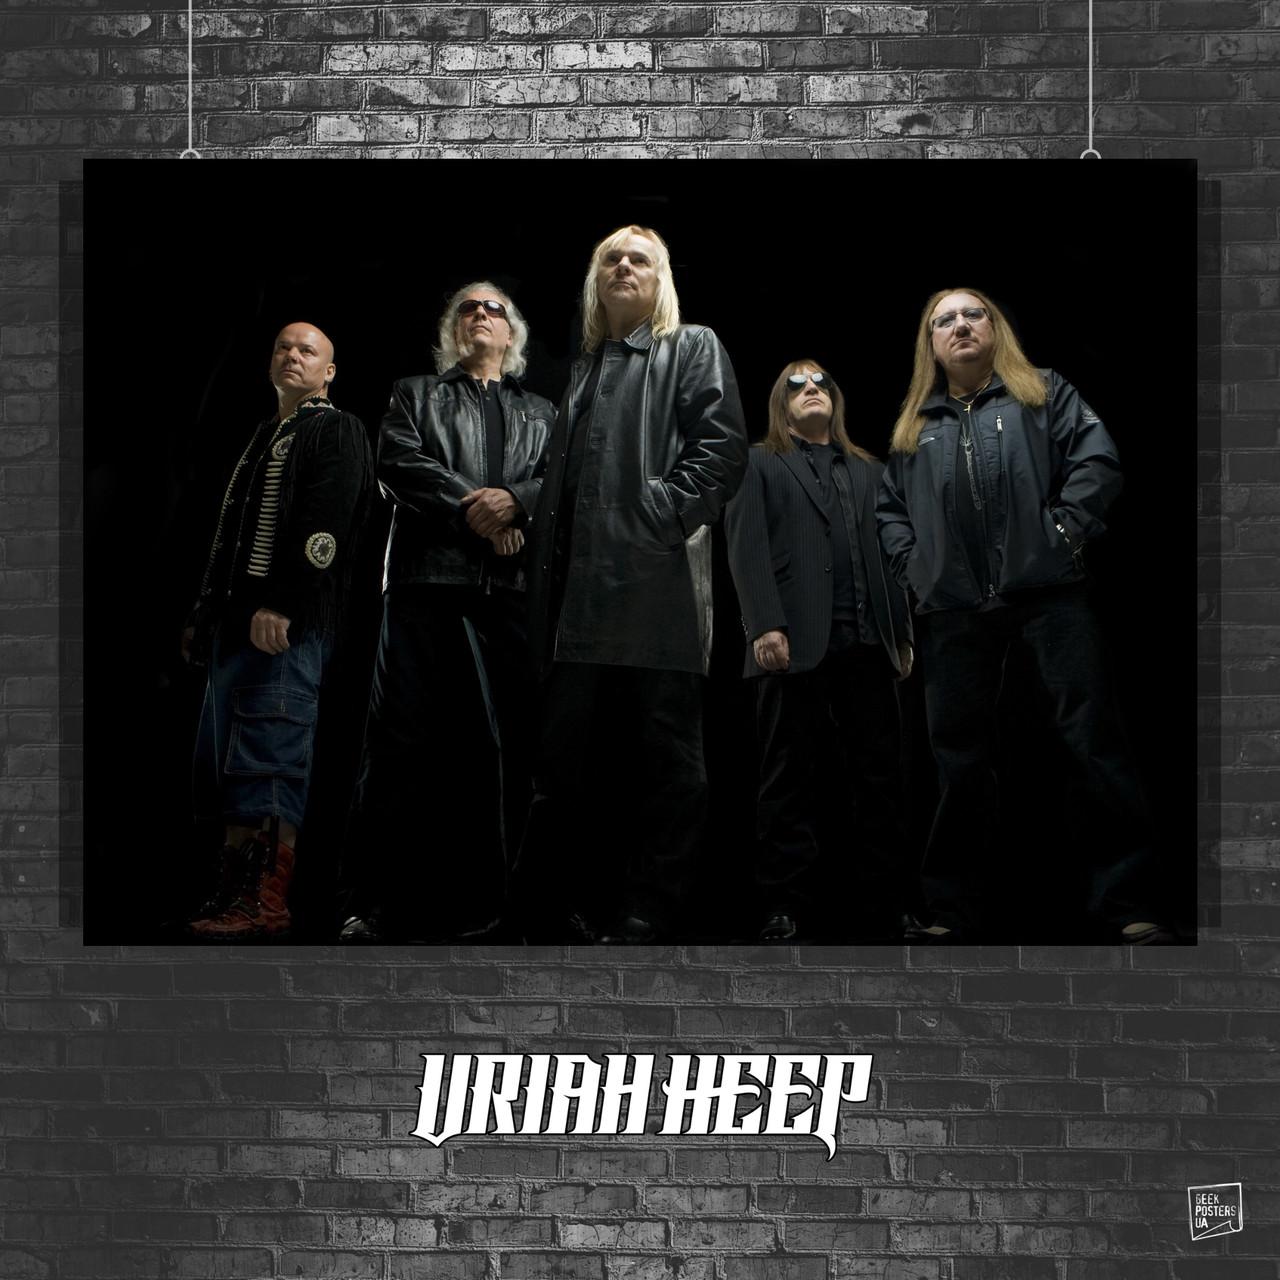 Постер Uriah Heep, Юрай Хип. Размер 60x42см (A2). Глянцевая бумага